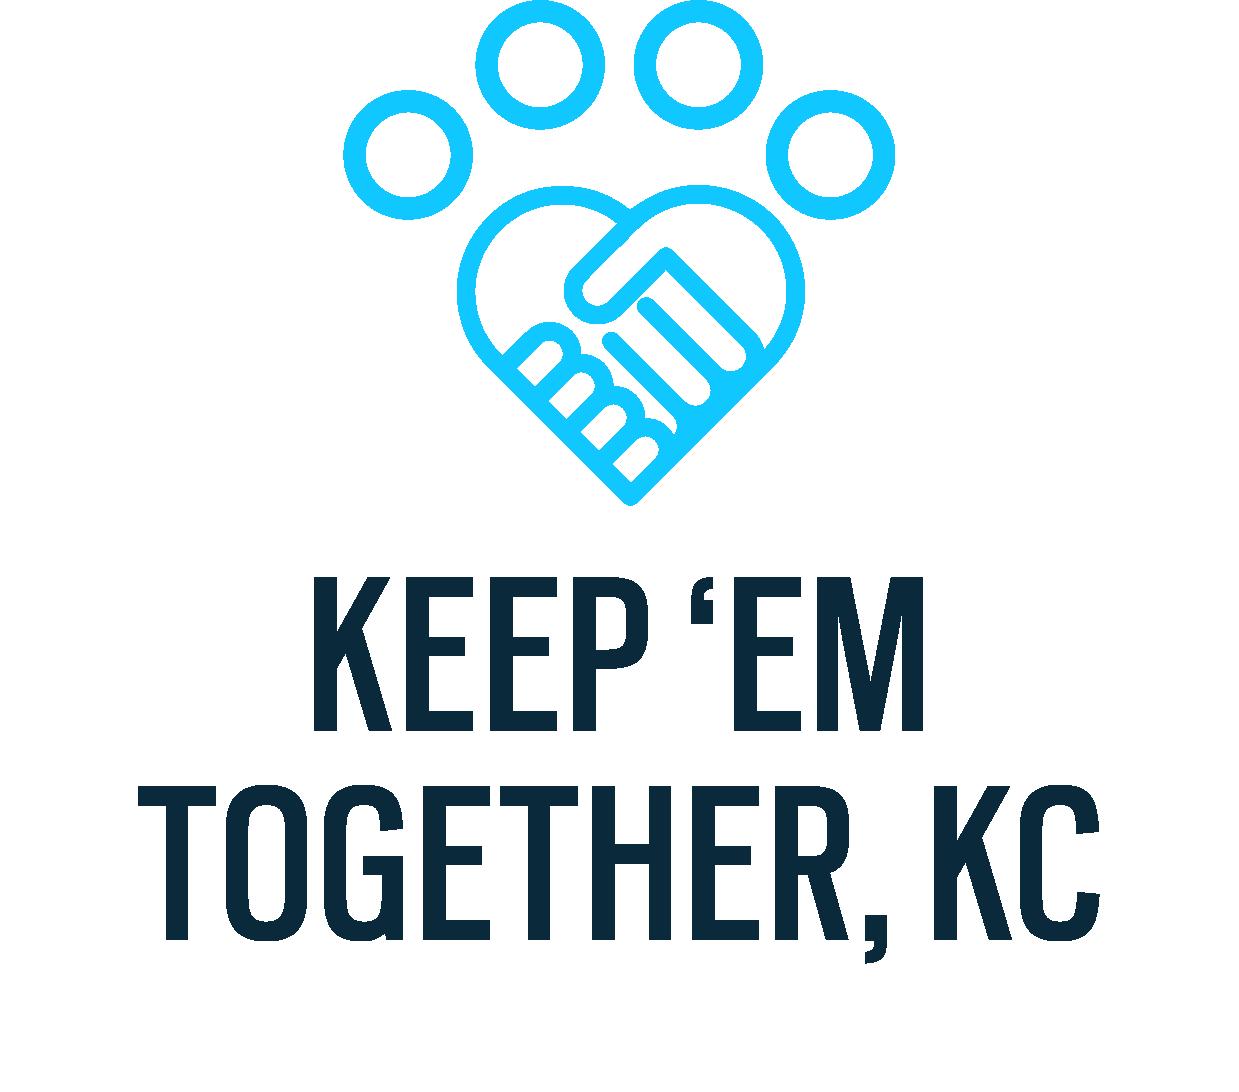 keep em together kc logo